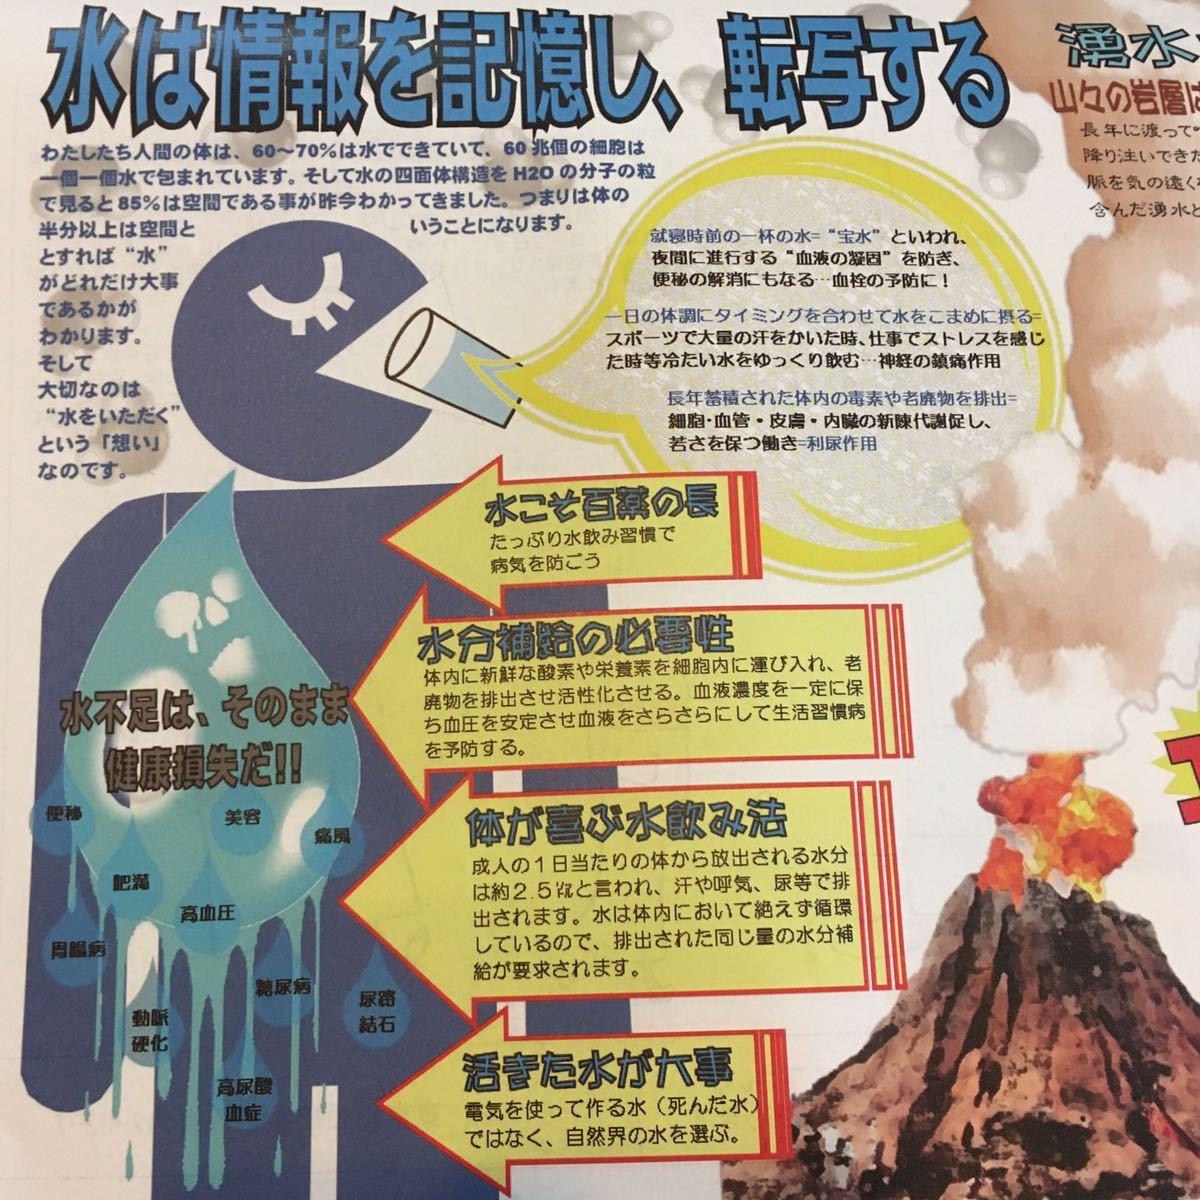 免疫力アップに☆ガイアの水135☆ポット型浄水器(オレンジ)新品_画像5